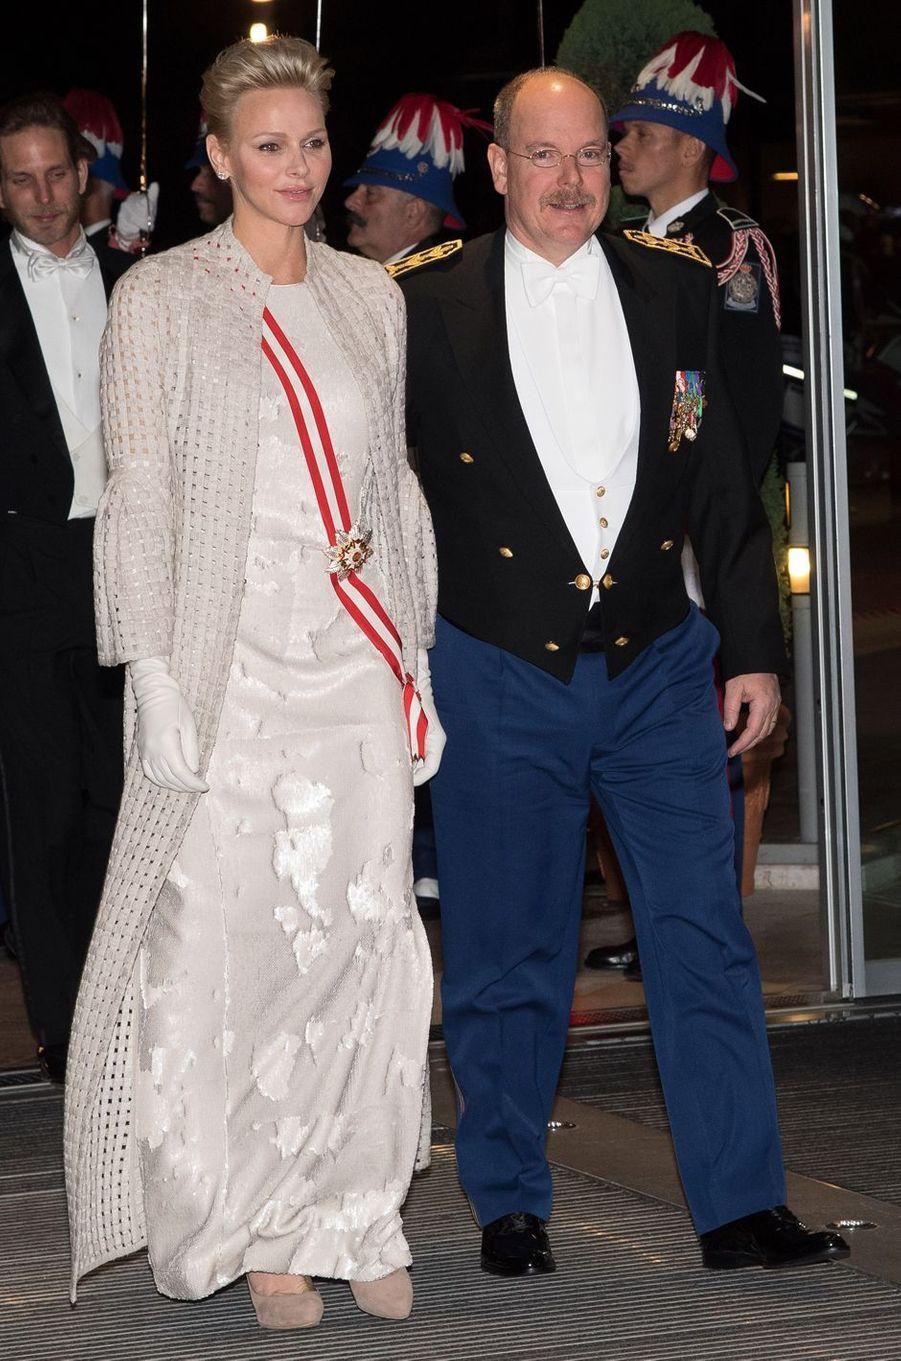 La princesse Charlène de Monaco en Akris à la soirée de gala de la Fête nationale à Monaco, le 19 novembre 2017